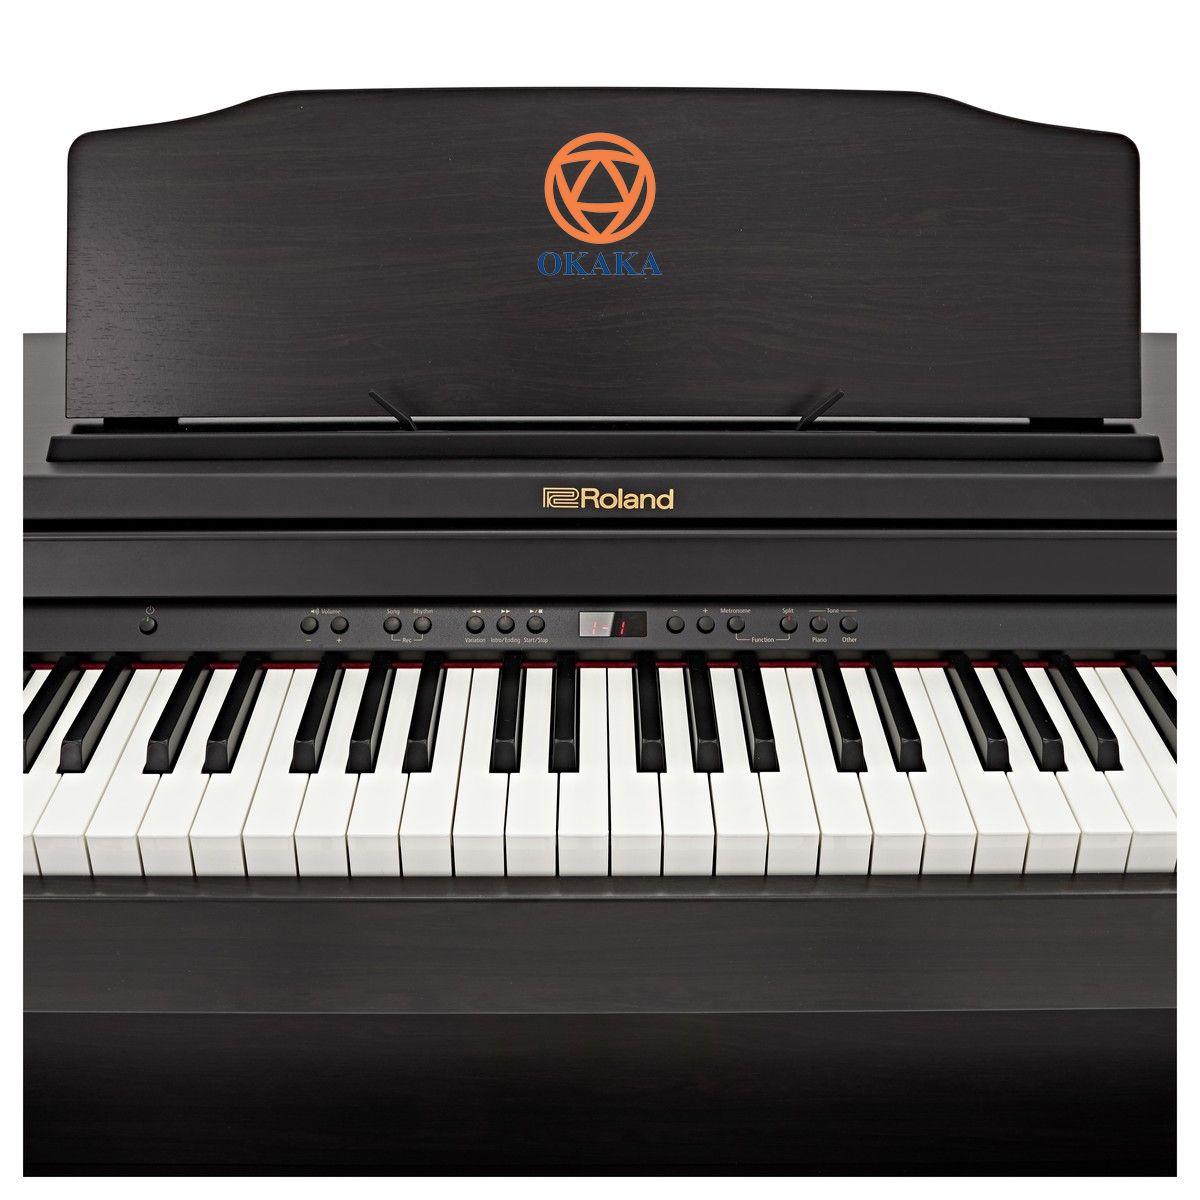 Và trên hết là, trong khi các cây đàn piano cấp thấp khác nhanh chóng bị bỏ xa, Roland RP-501R đáp ứng được những người chơi sành điệu với cảm giác bàn phím linh hoạt và âm thanh chân thực, phong phú. Đàn piano điện Roland RP-501R tích hợp các tính năng cao cấp, giá cả cạnh tranh và kiểu dáng tủ đứng nhỏ gọn nhưng vẫn mạnh mẽ, đã sẵn sàng gia nhập gia đình bạn.